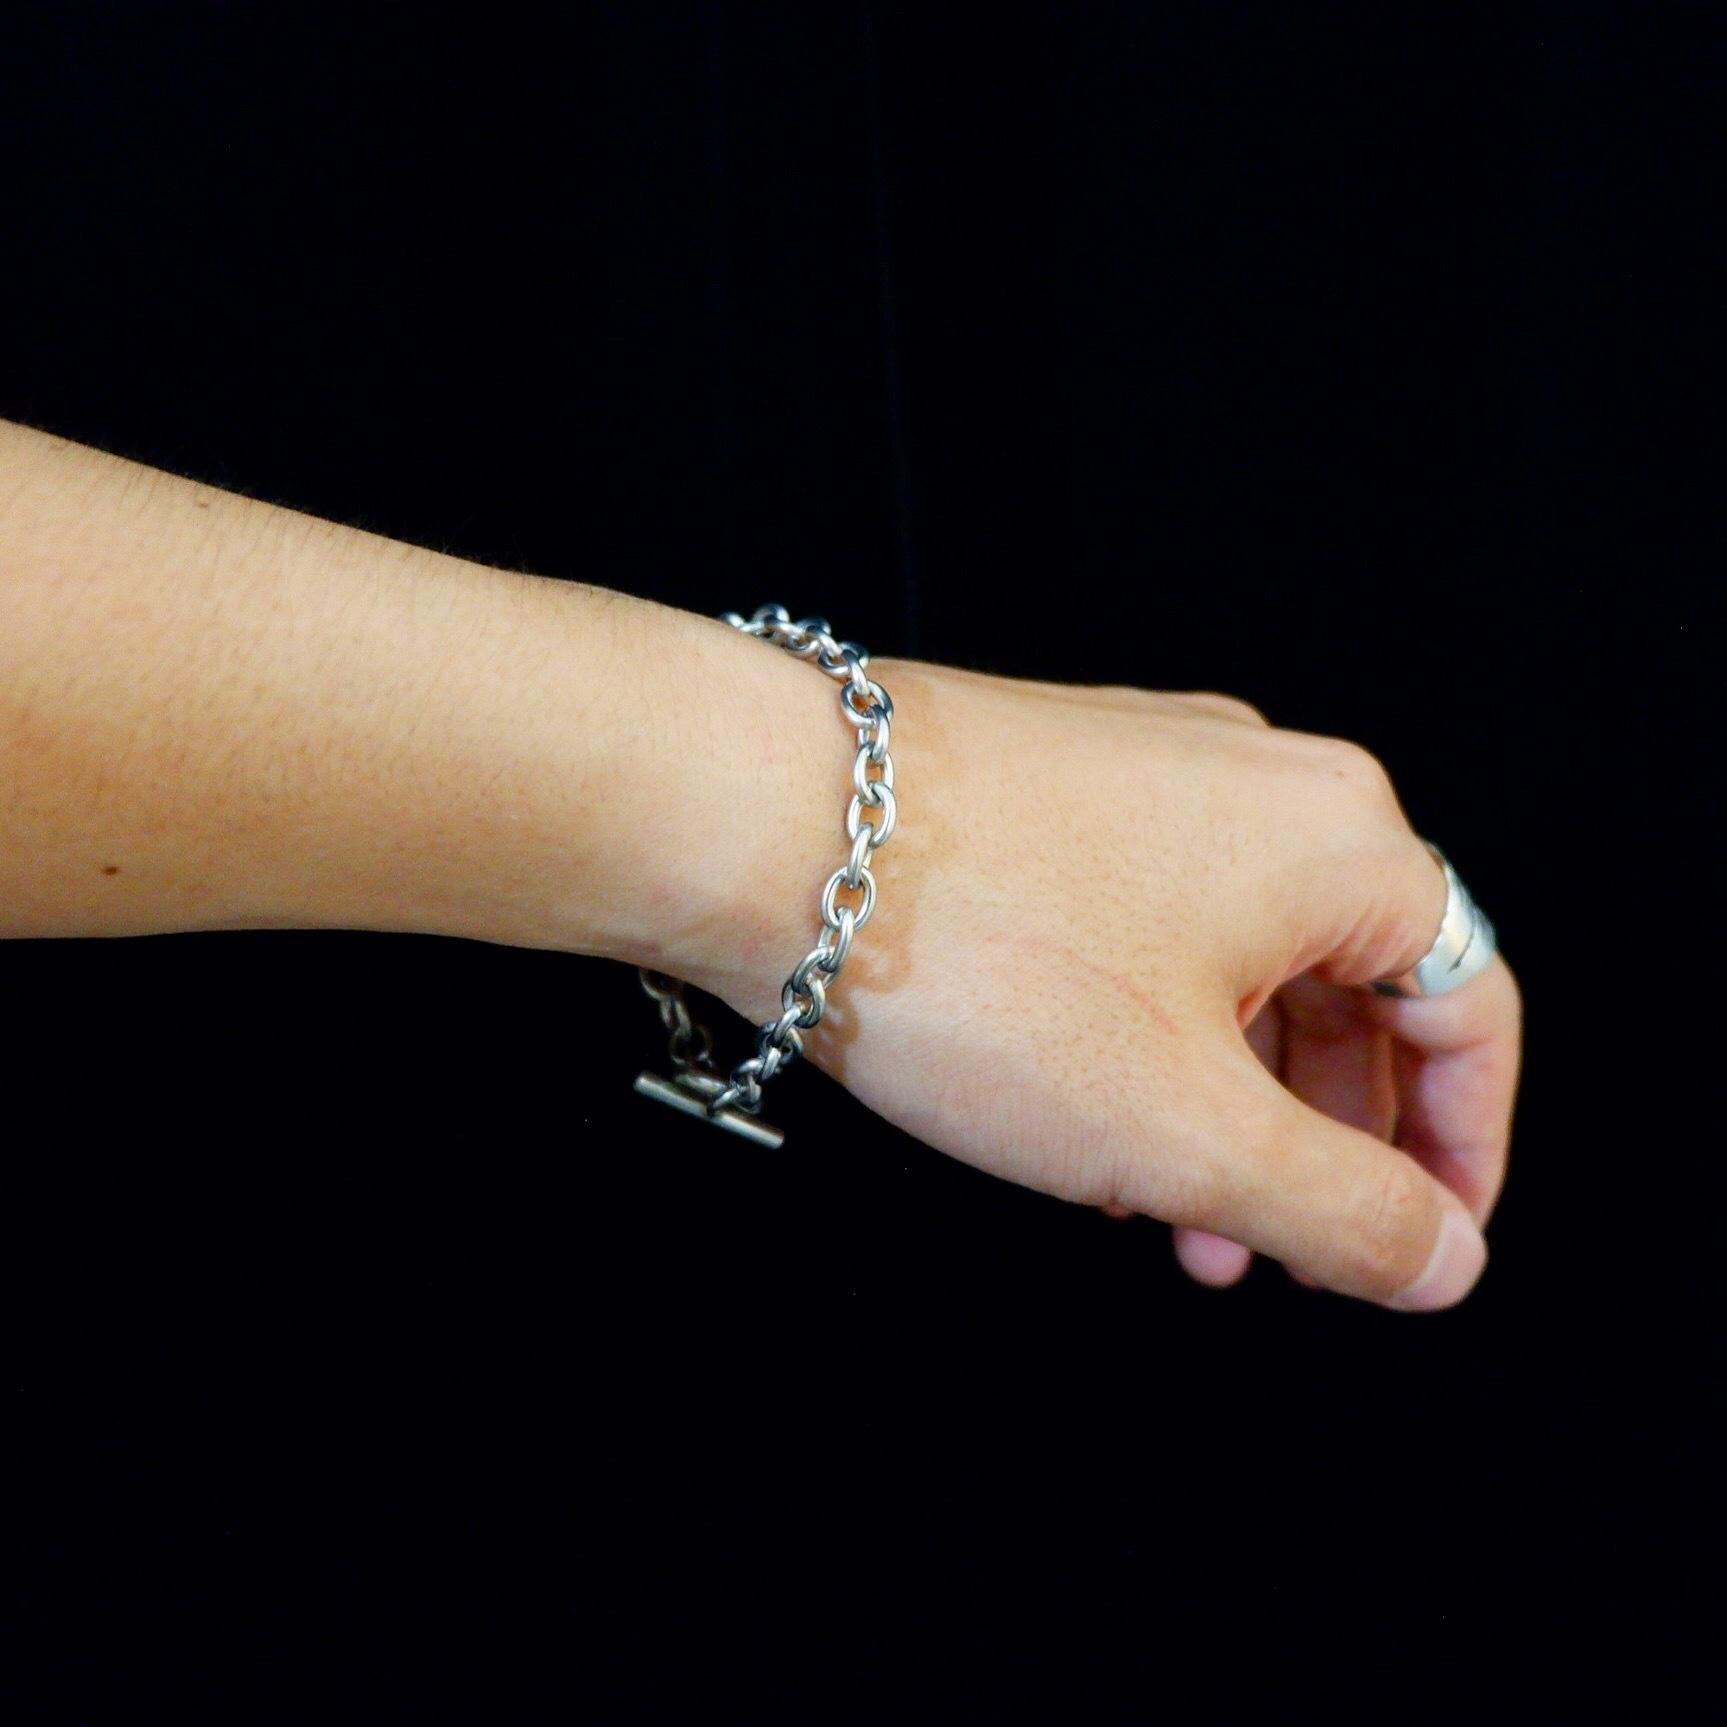 【UMB-008】UMF Chain Bracelet (TYPE 3)